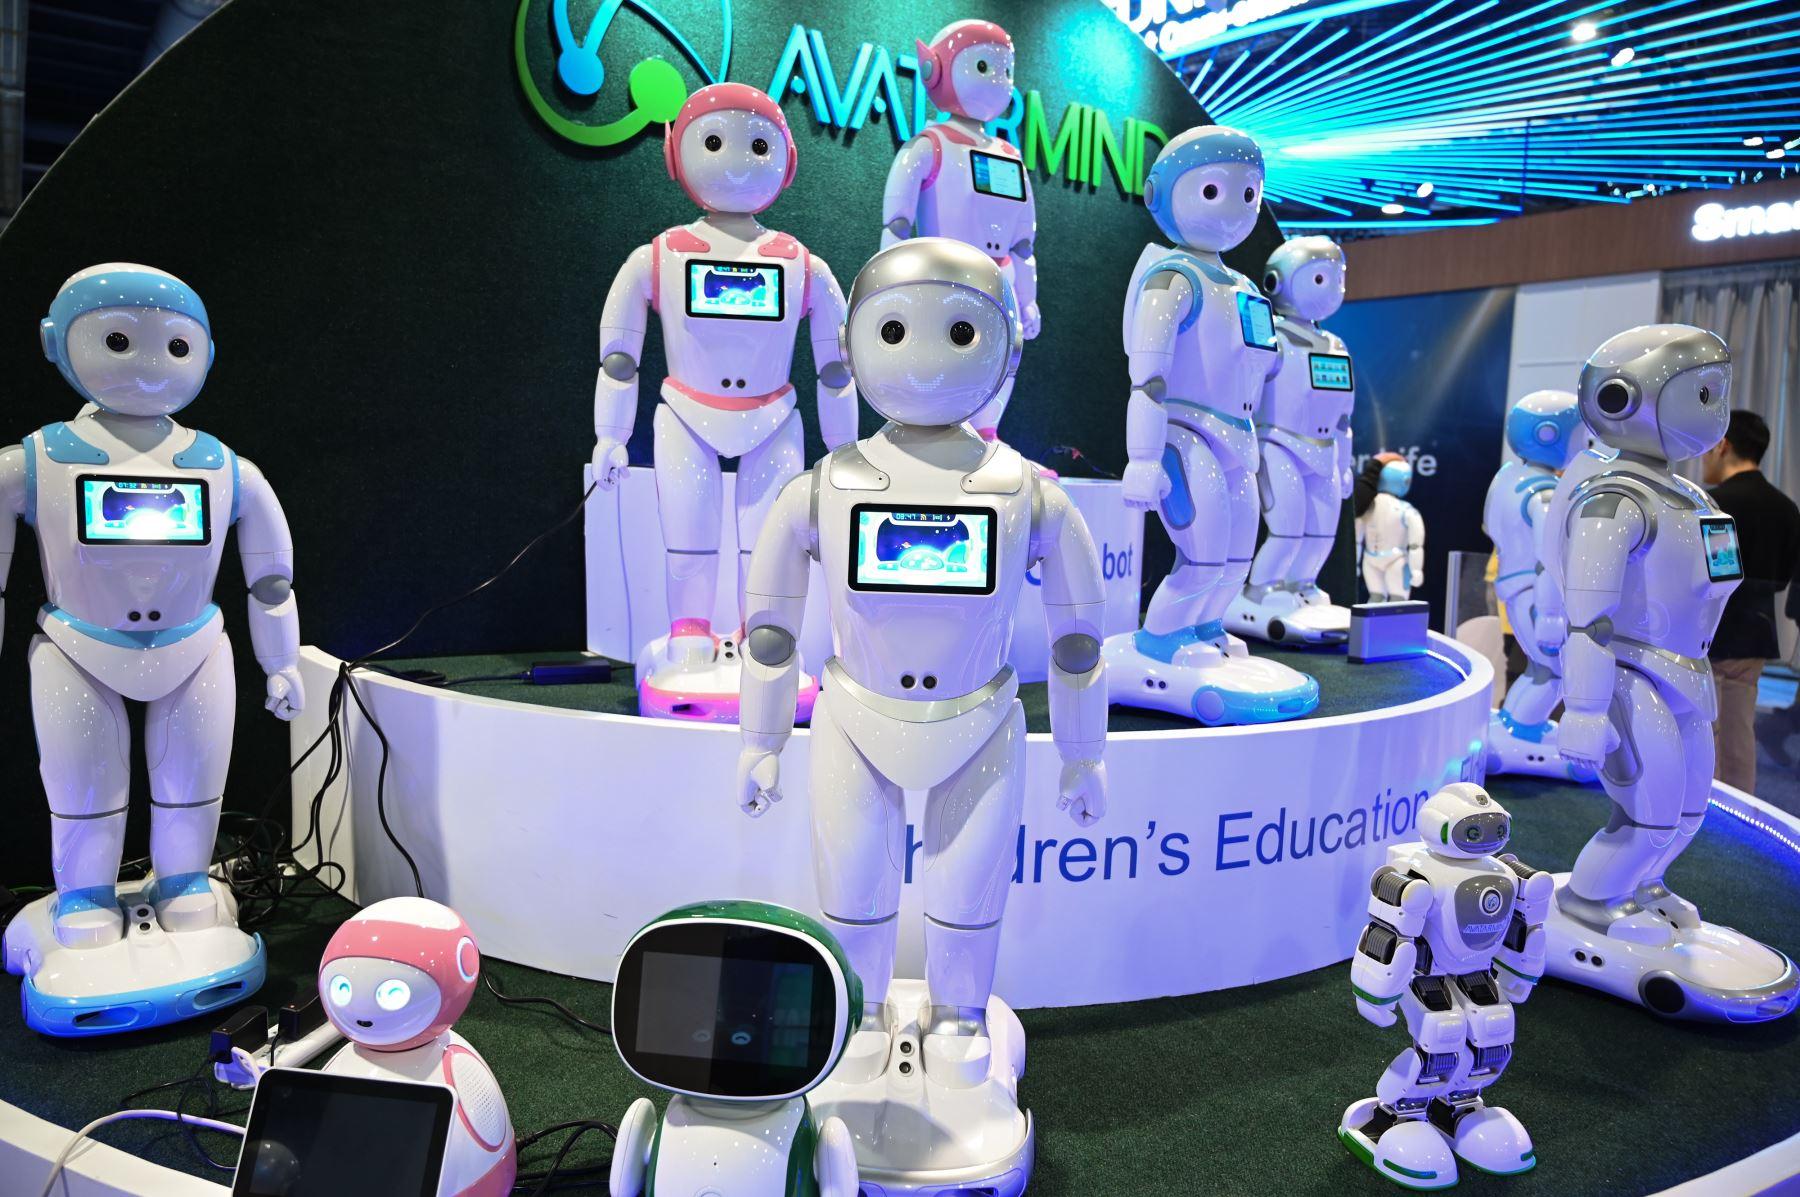 iPal smart AI  robots para la educación de los niños se muestra en el stand de AvatarMind en la feria de electrónica de consumo CES 2019, en el Centro de Convenciones de Las Vegas . AFP